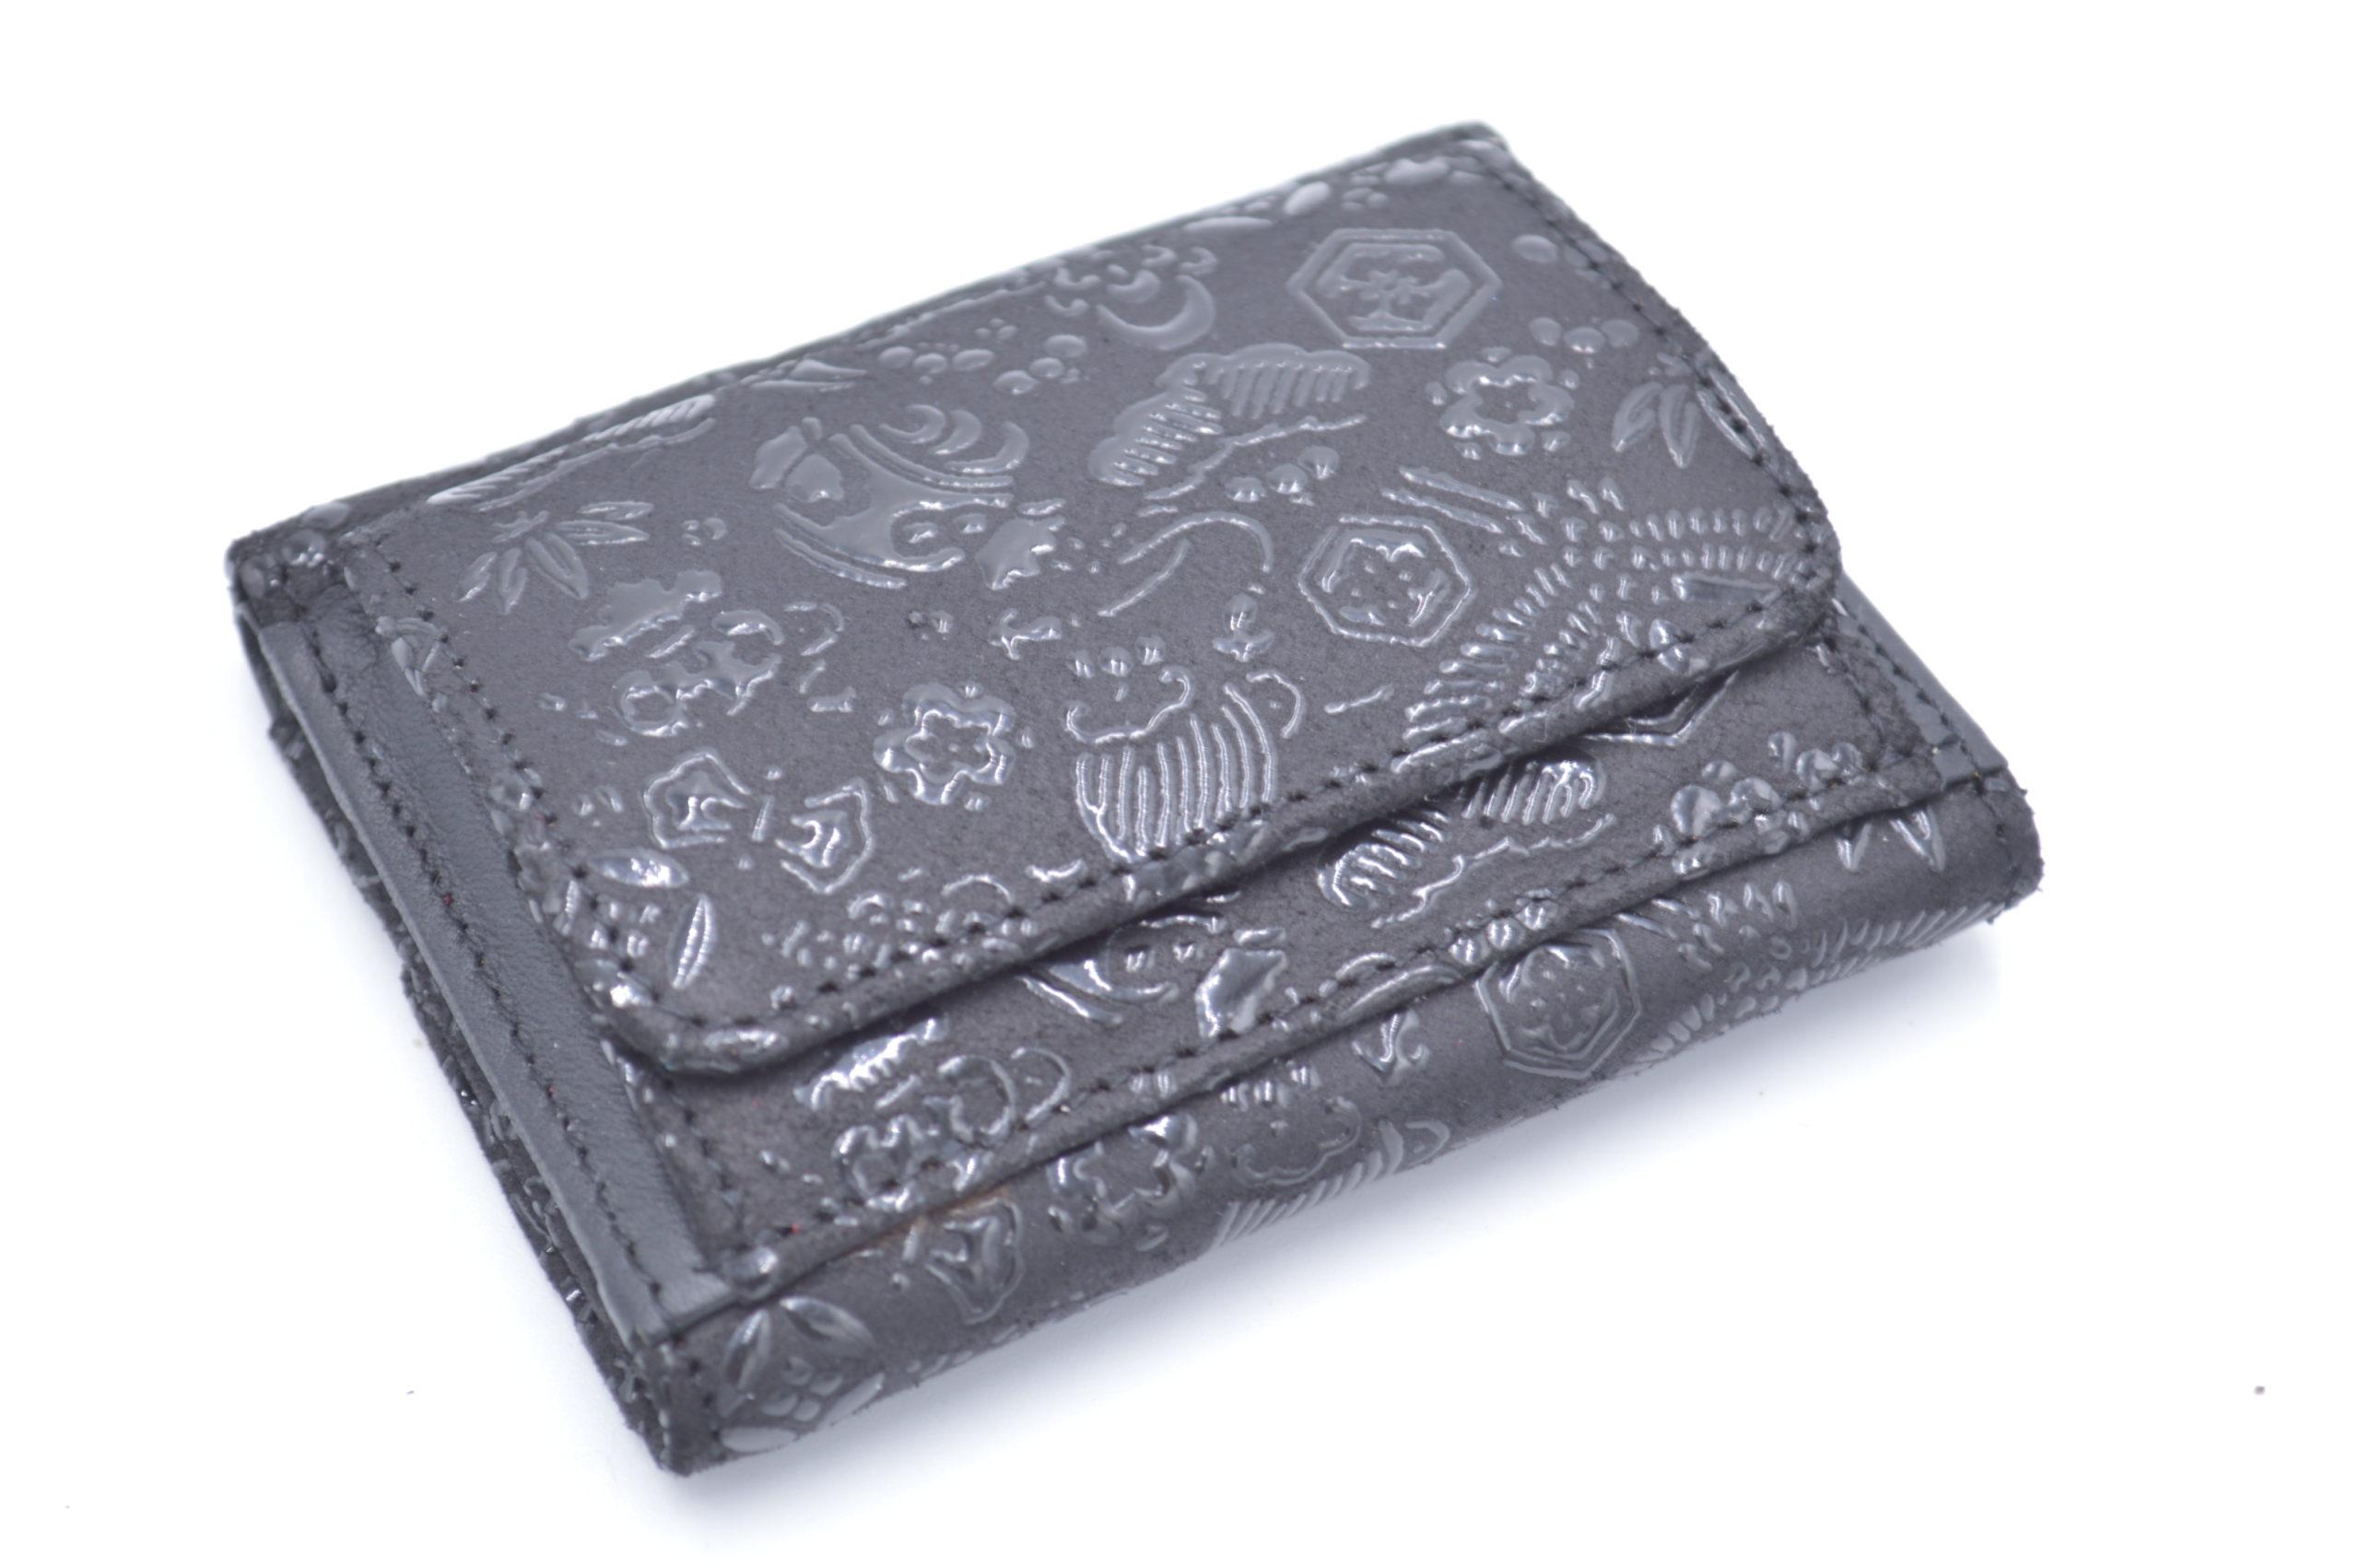 ミニ財布A 黒/黒 宝尽くし柄